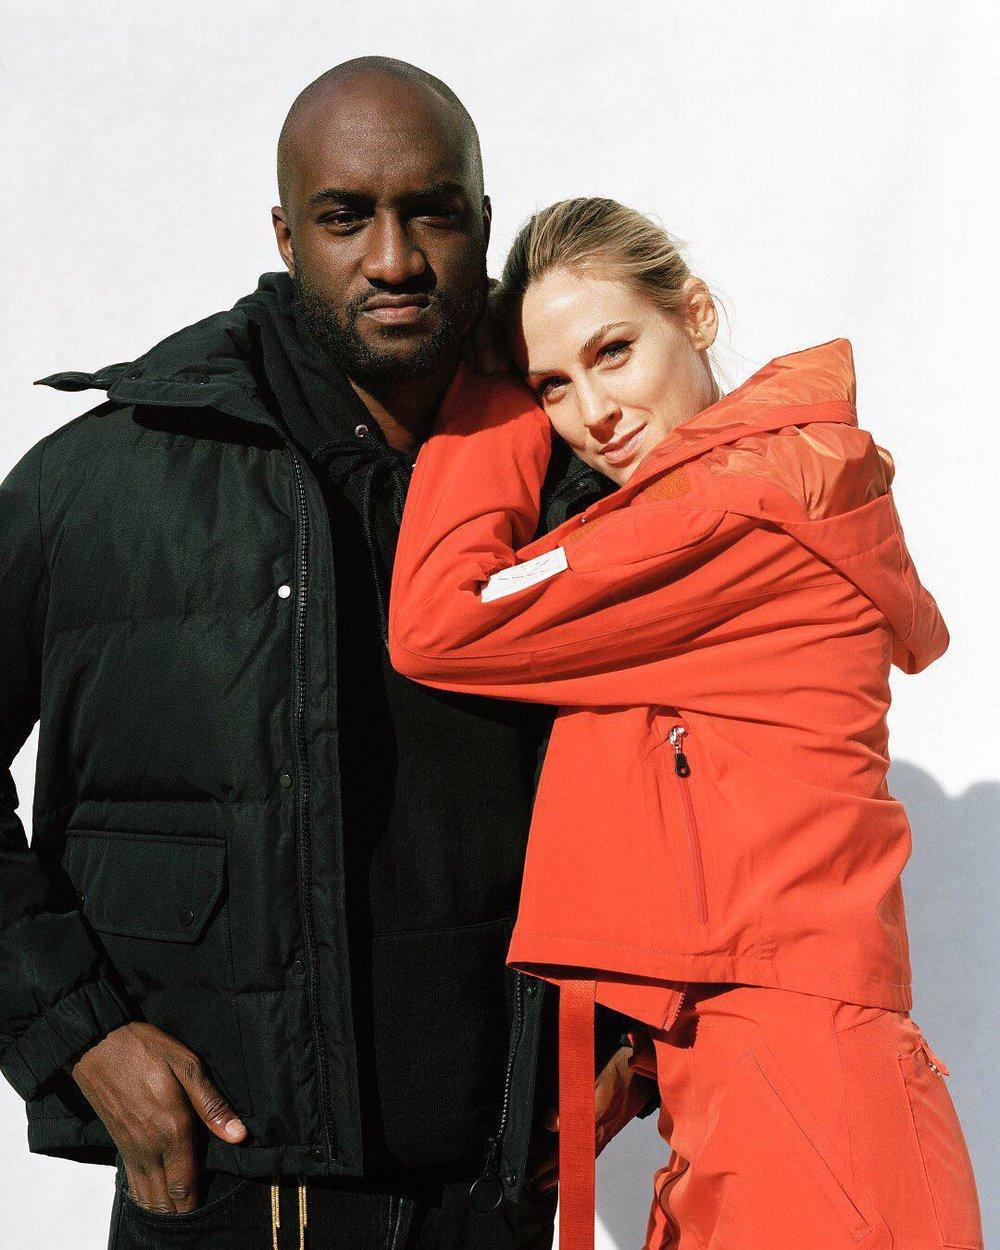 Virgil Abloh - twórca marki Off-White i Selby Drummond - dziennikarka Vogue'a ubrana w strój z limitowanej kolekcji Burton x Off-White x Vogue/Instagram: @burtonsnowboards